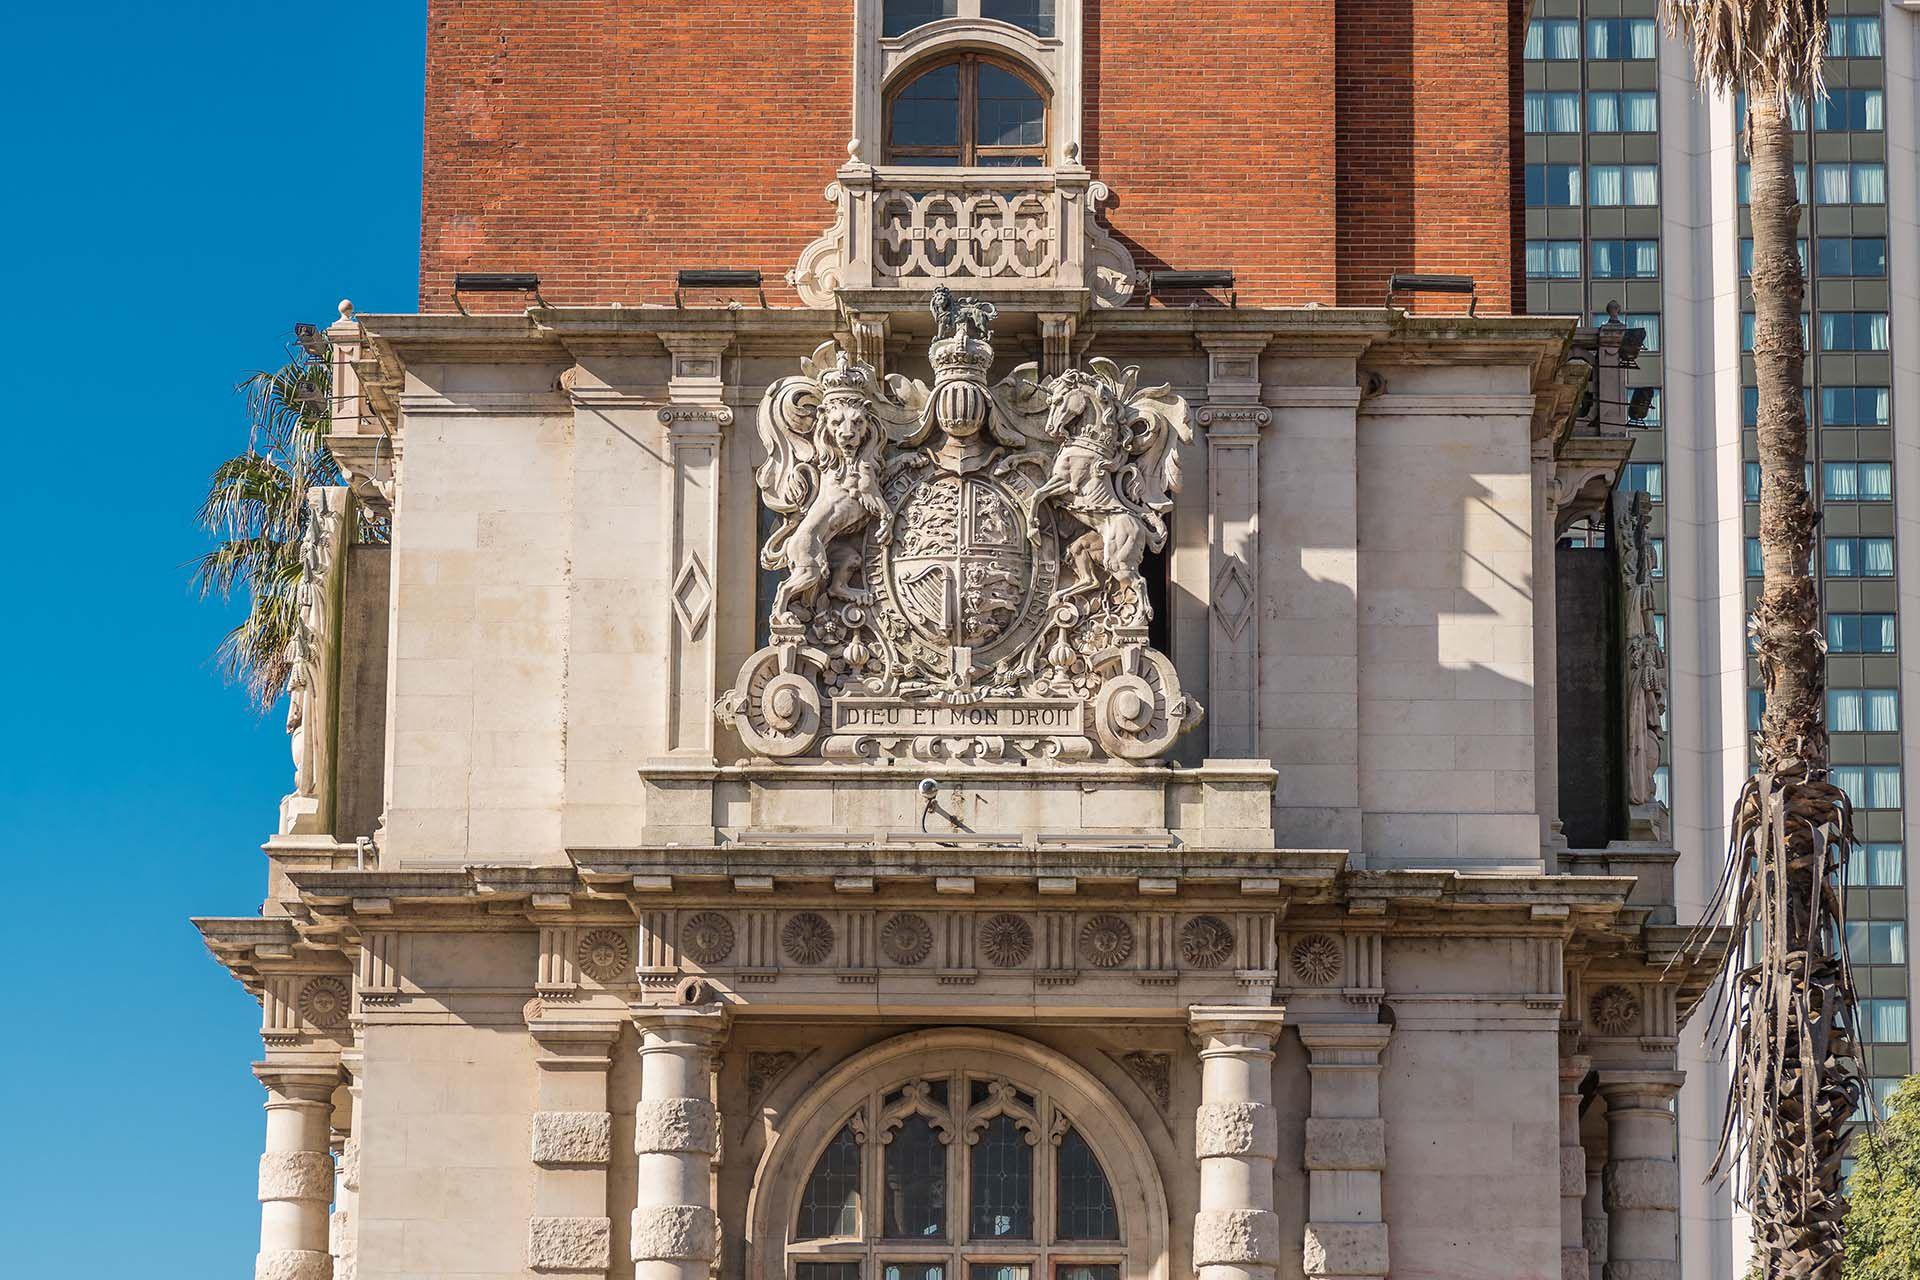 Detalles en piedra en honor al Reino Unido